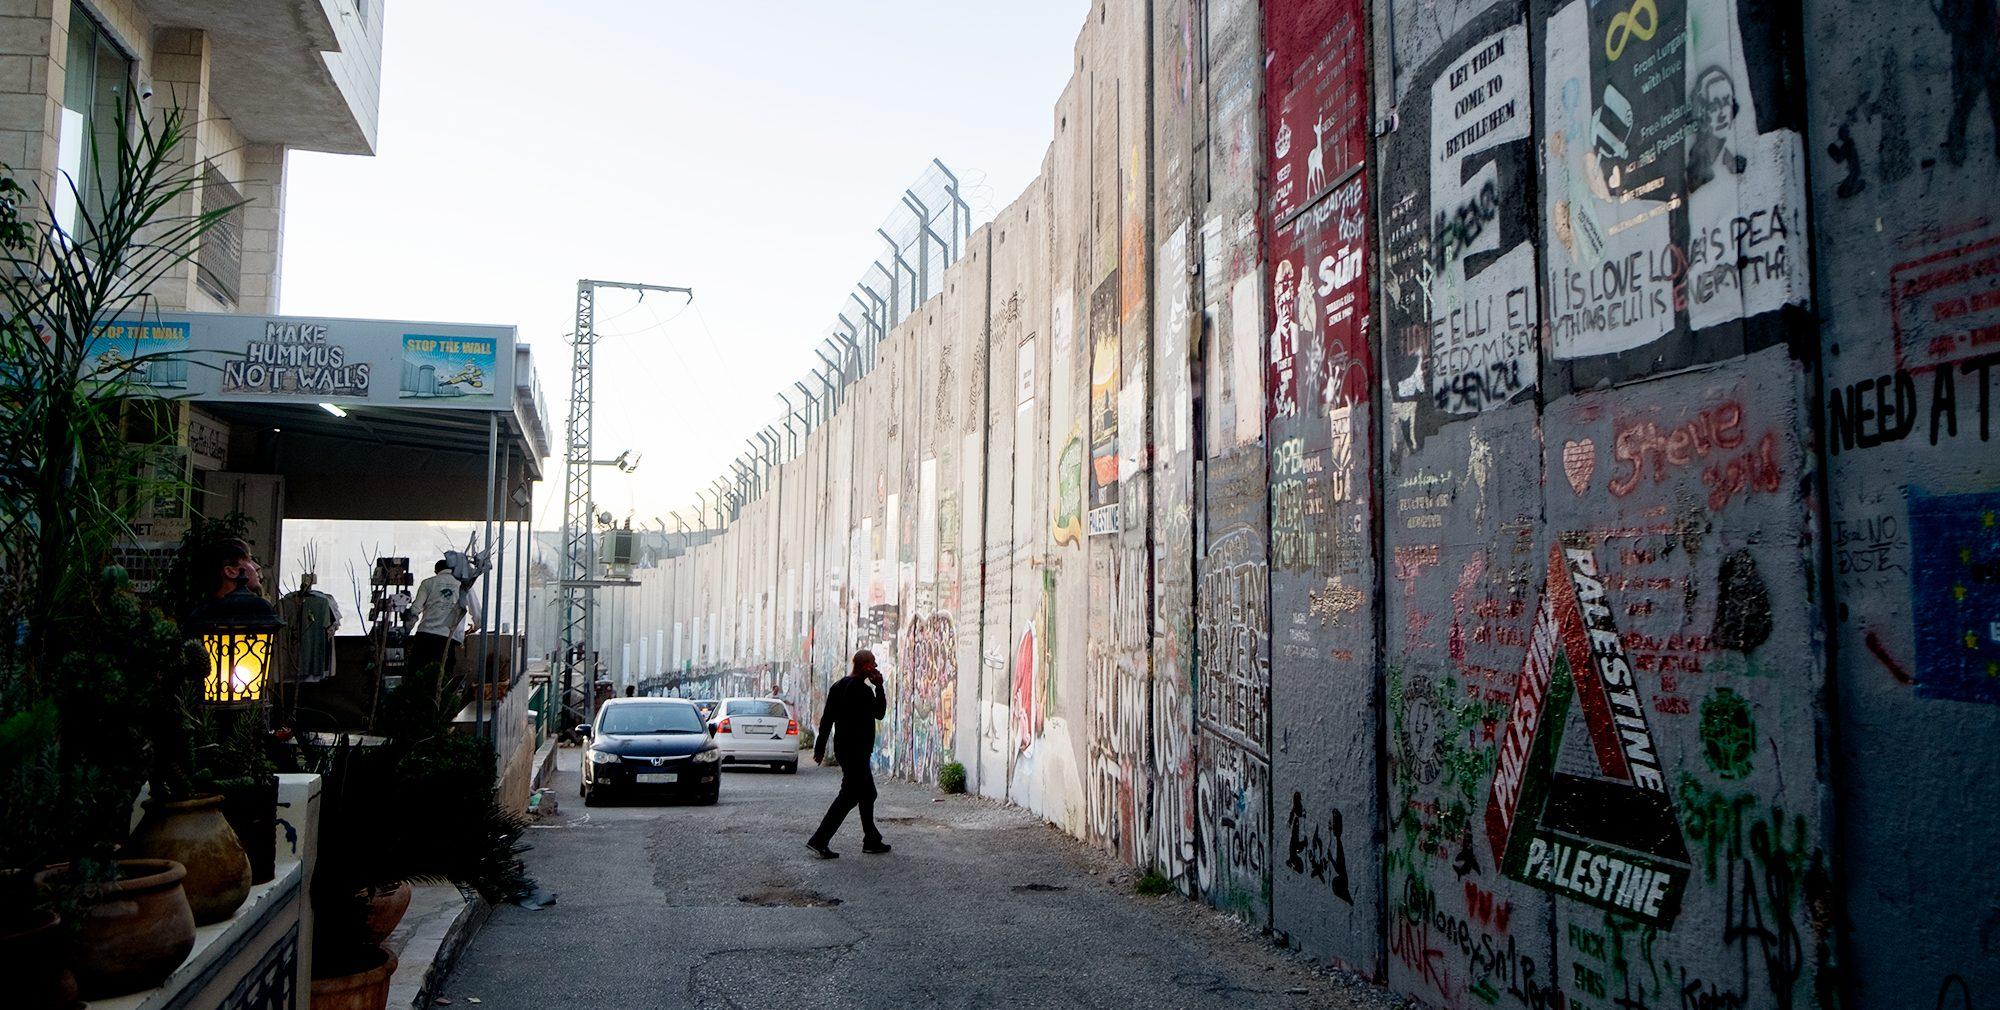 Voima-lehti: HUSin hankkeella yhteyksiä Israelin laittomaan siirtokuntaan?